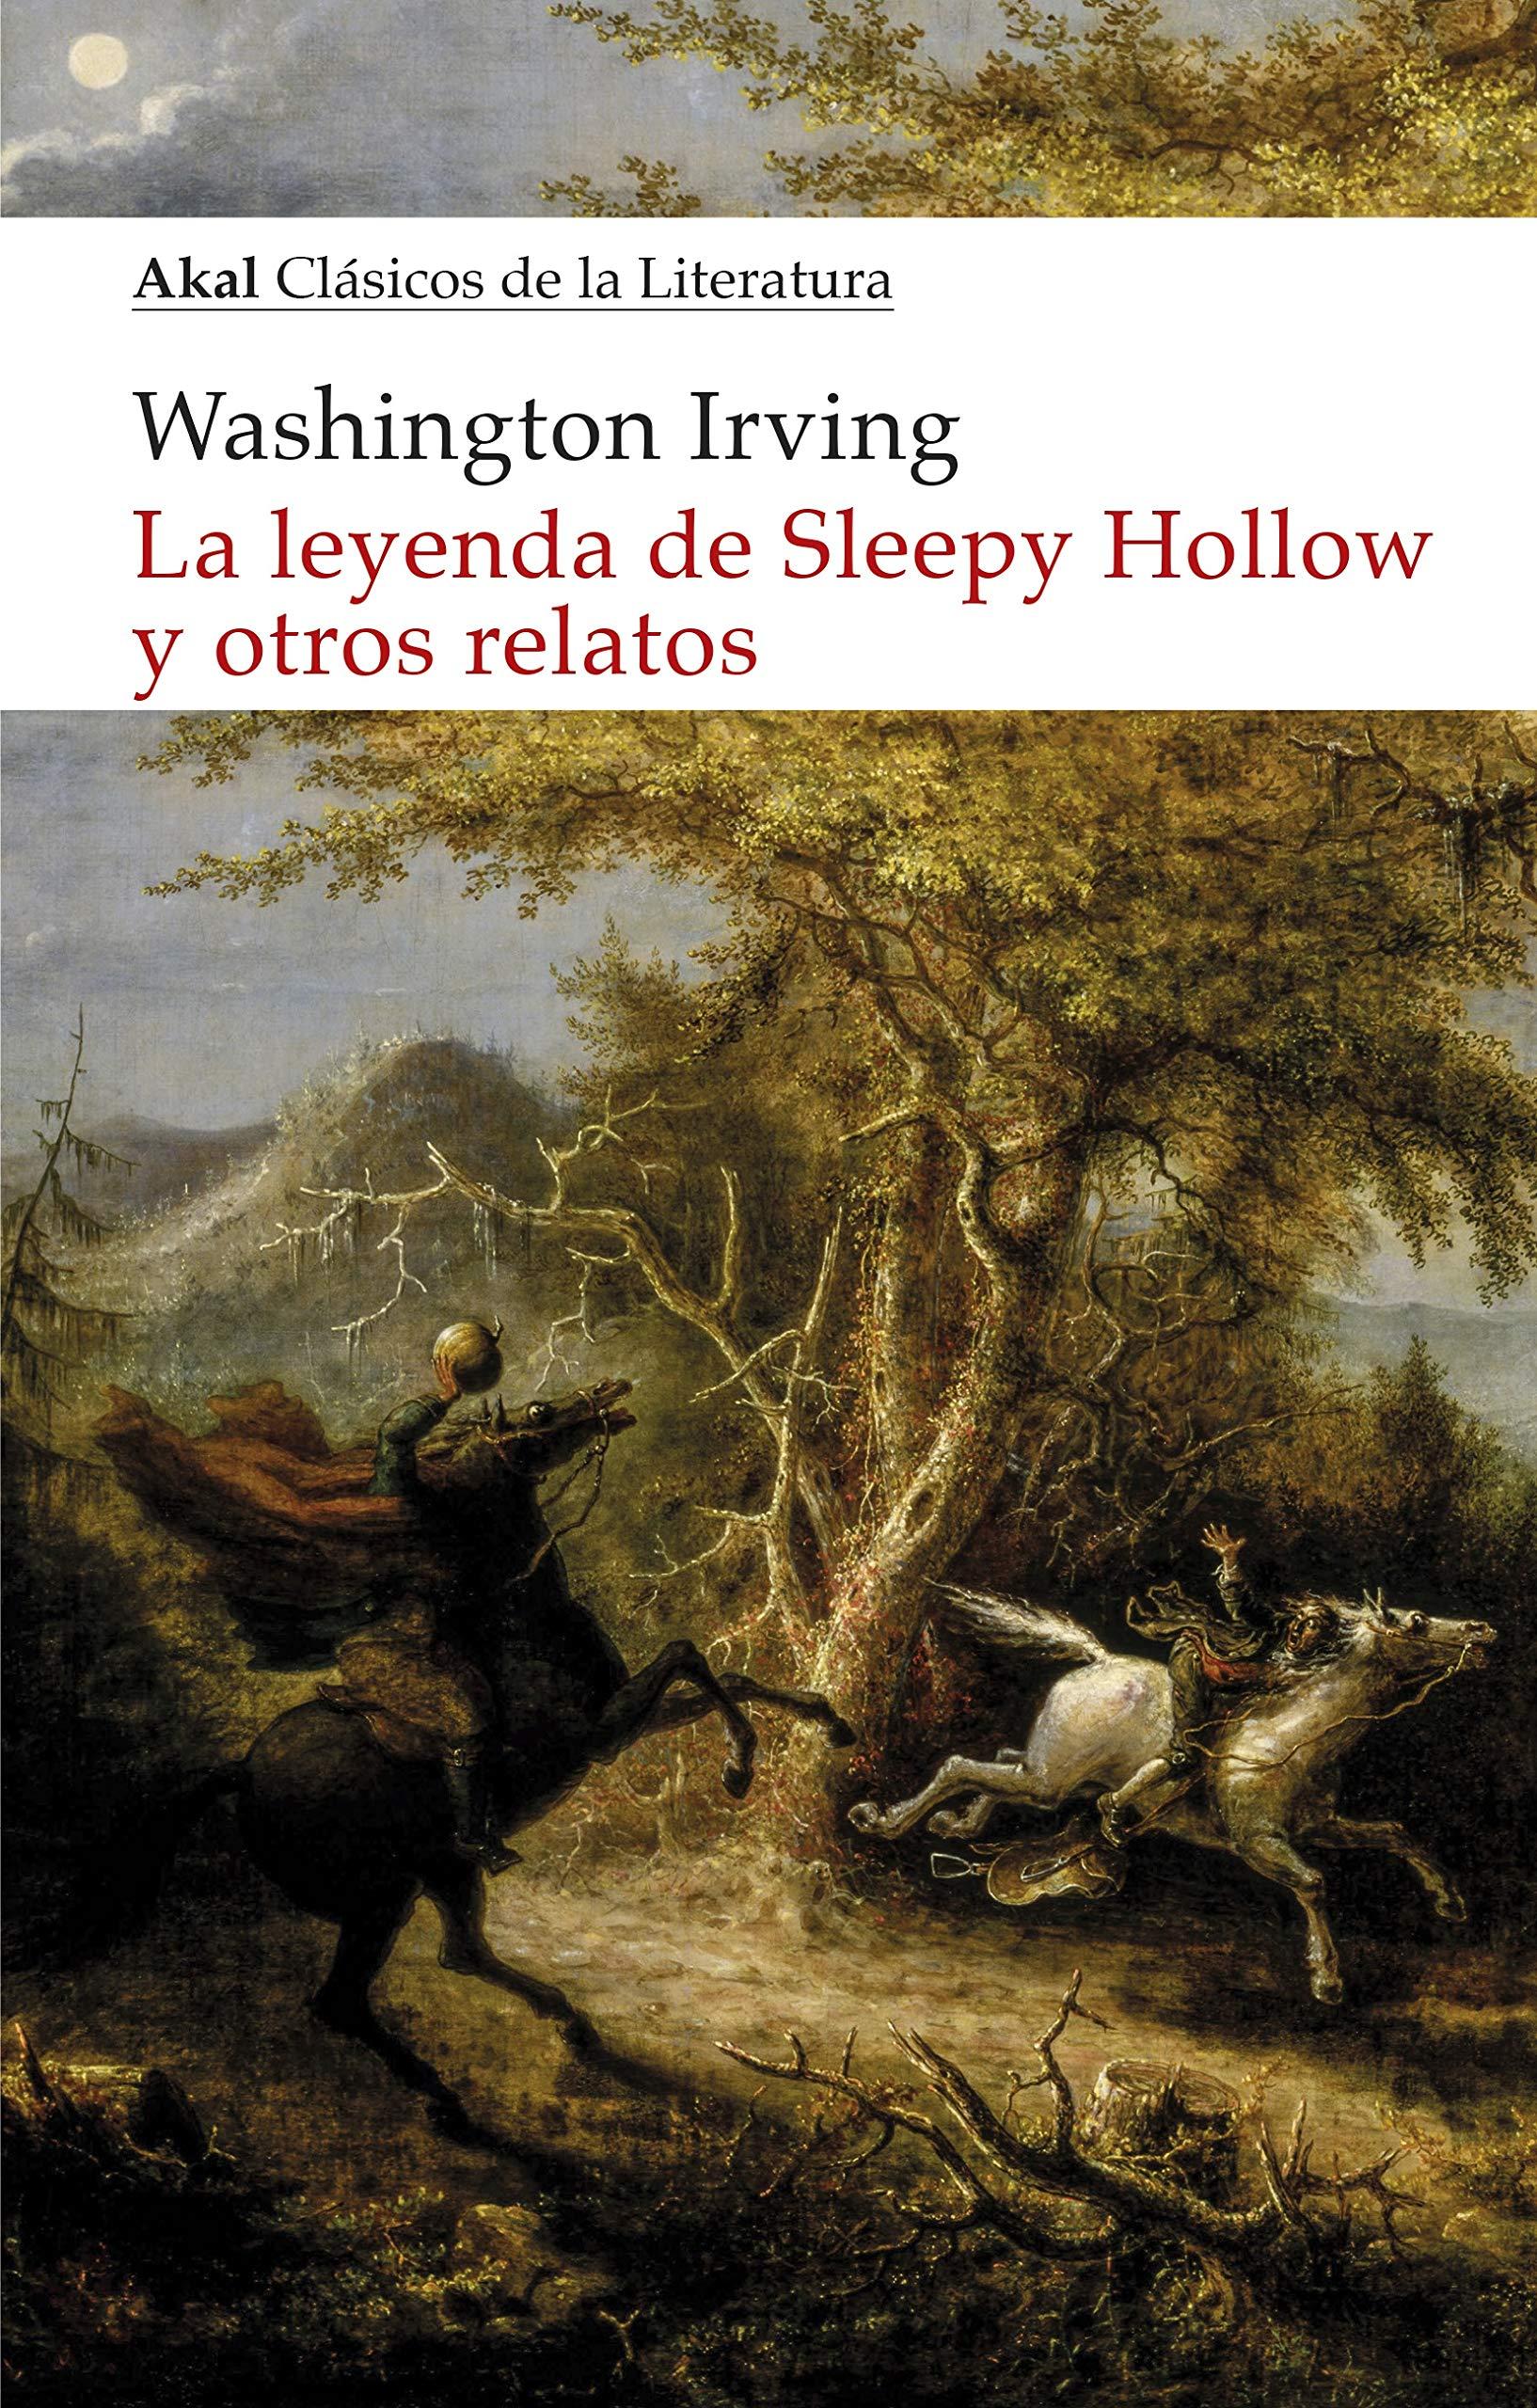 La Leyenda De Sleepy Hollow y otros Relatos: 24 Clásicos de la literatura: Amazon.es: Irving, Washington, Alonso Valle, Axel: Libros